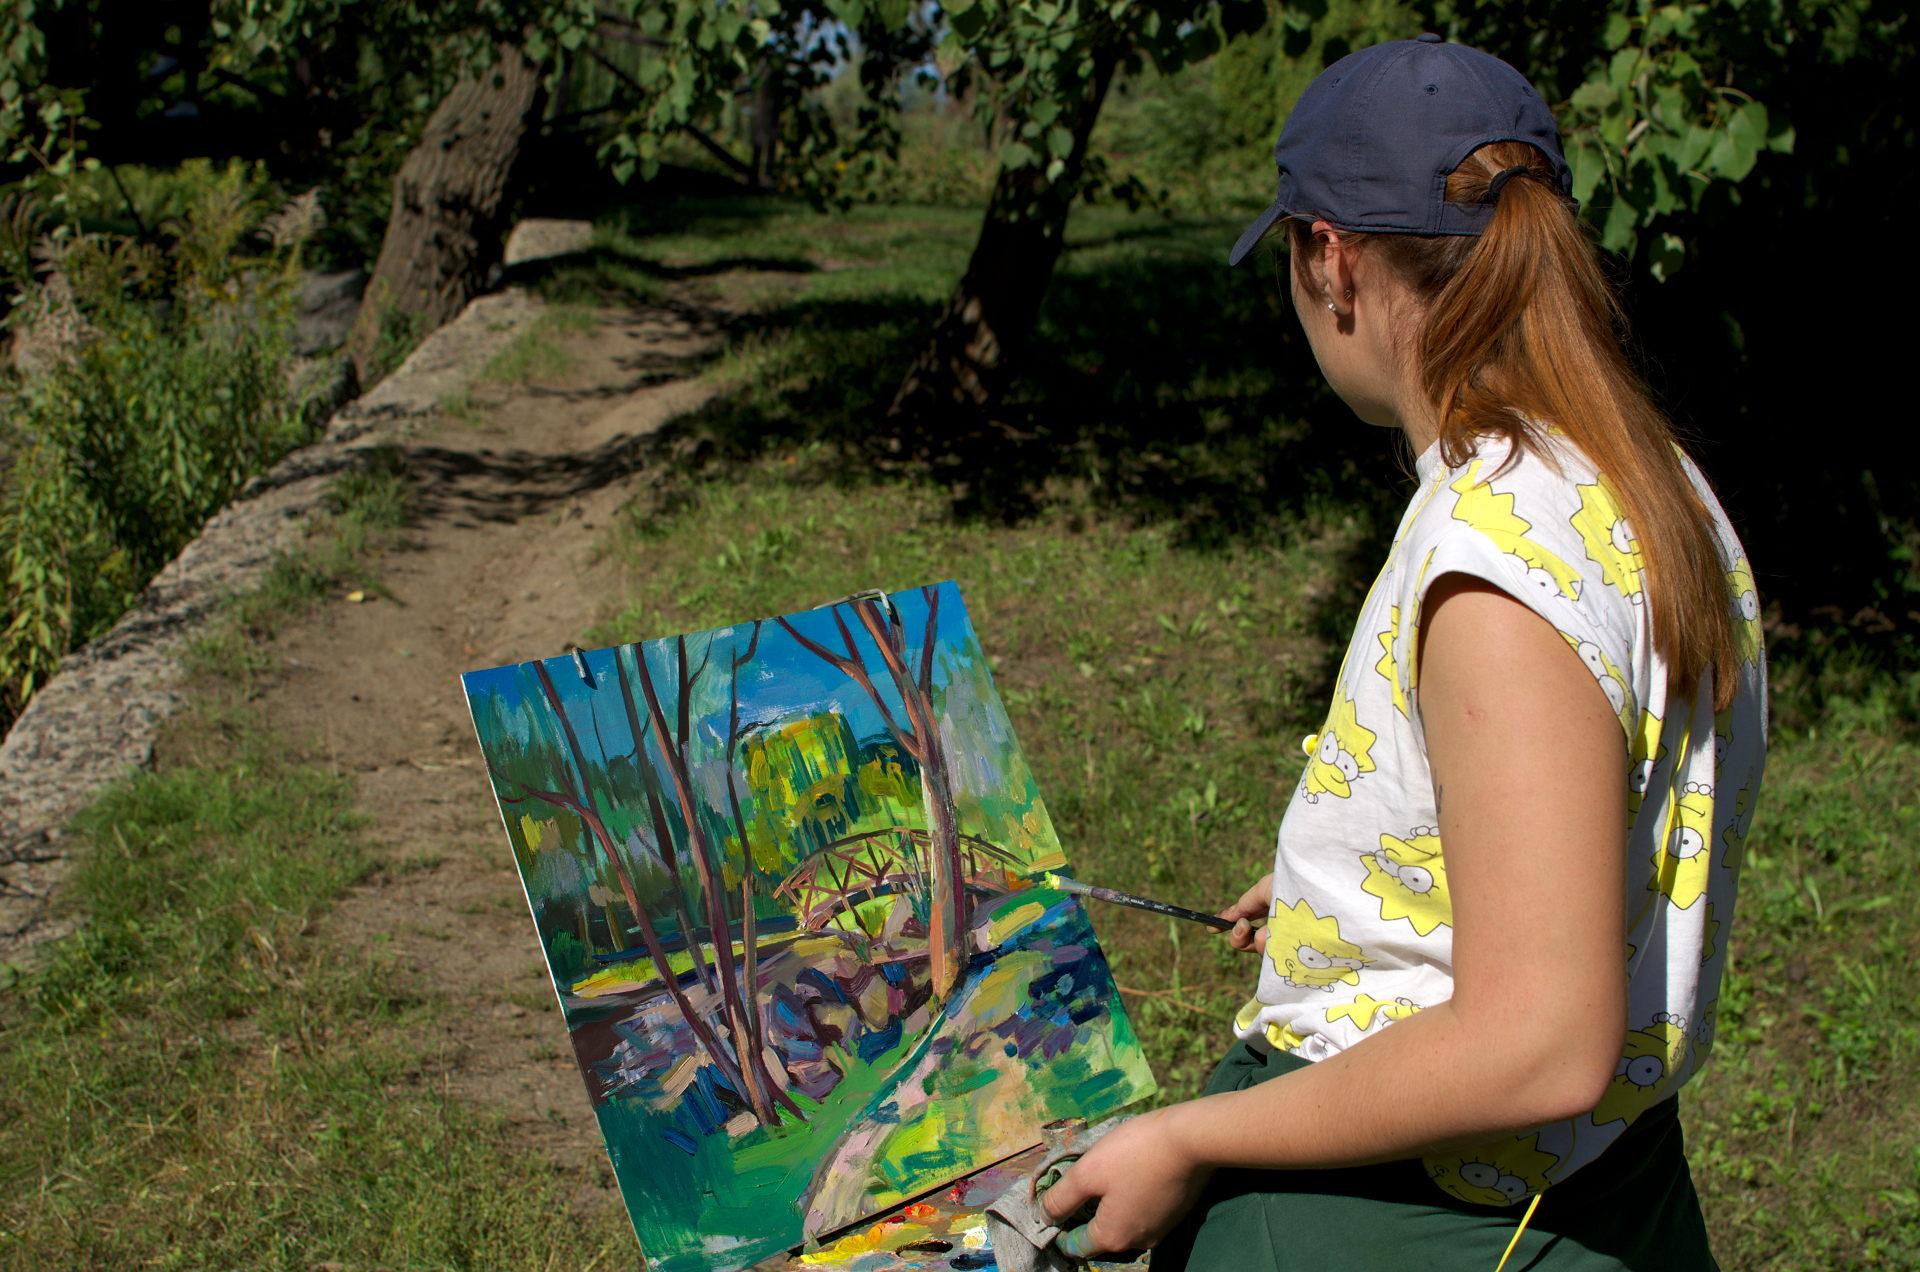 Відбувся перший тур першого етапу студентської університетської олімпіади з живопису